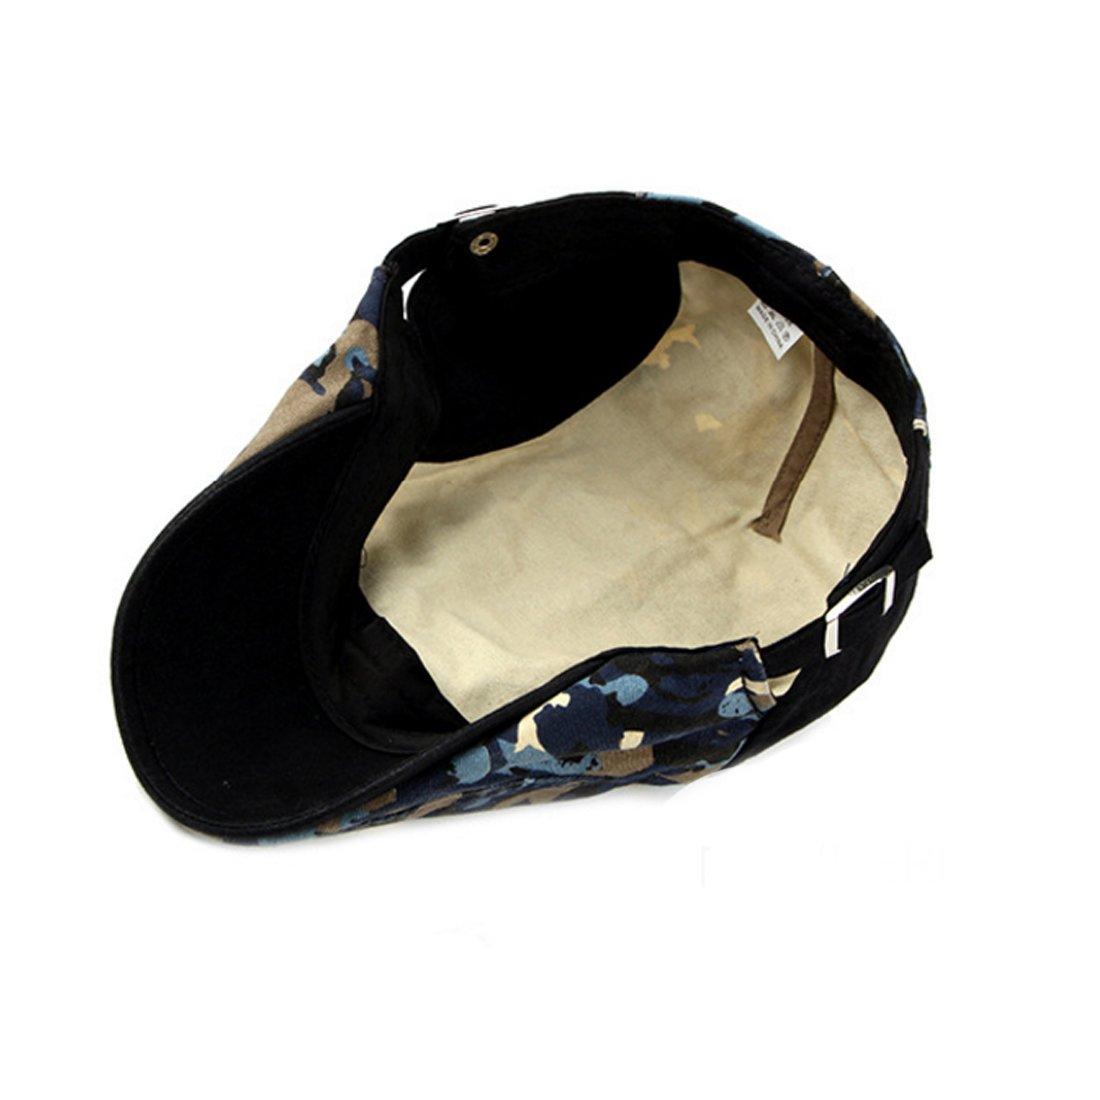 Camo Newsboy Flat Cap Cotton Cabbie Adjustable Gatsby Caps Hat Beret Hats